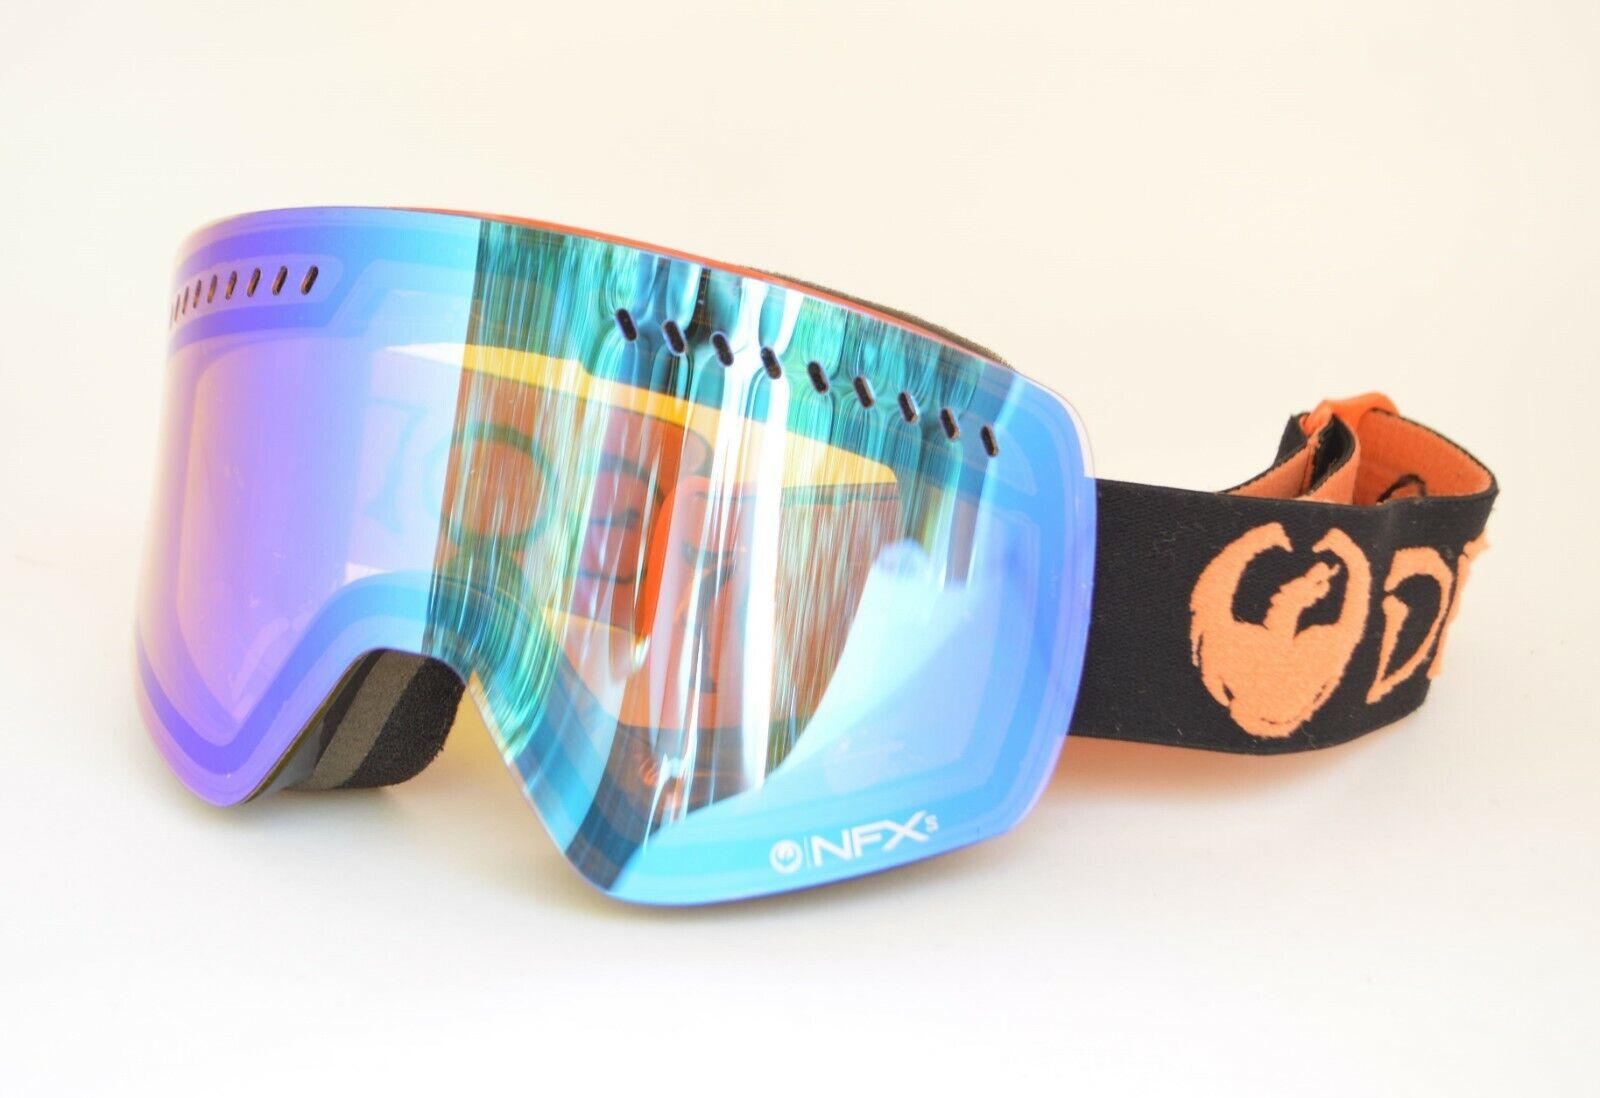 2016 Herren Dragon Nfxs Snowboardbrille One Schwarz Gelb Blau Ionisiert Used